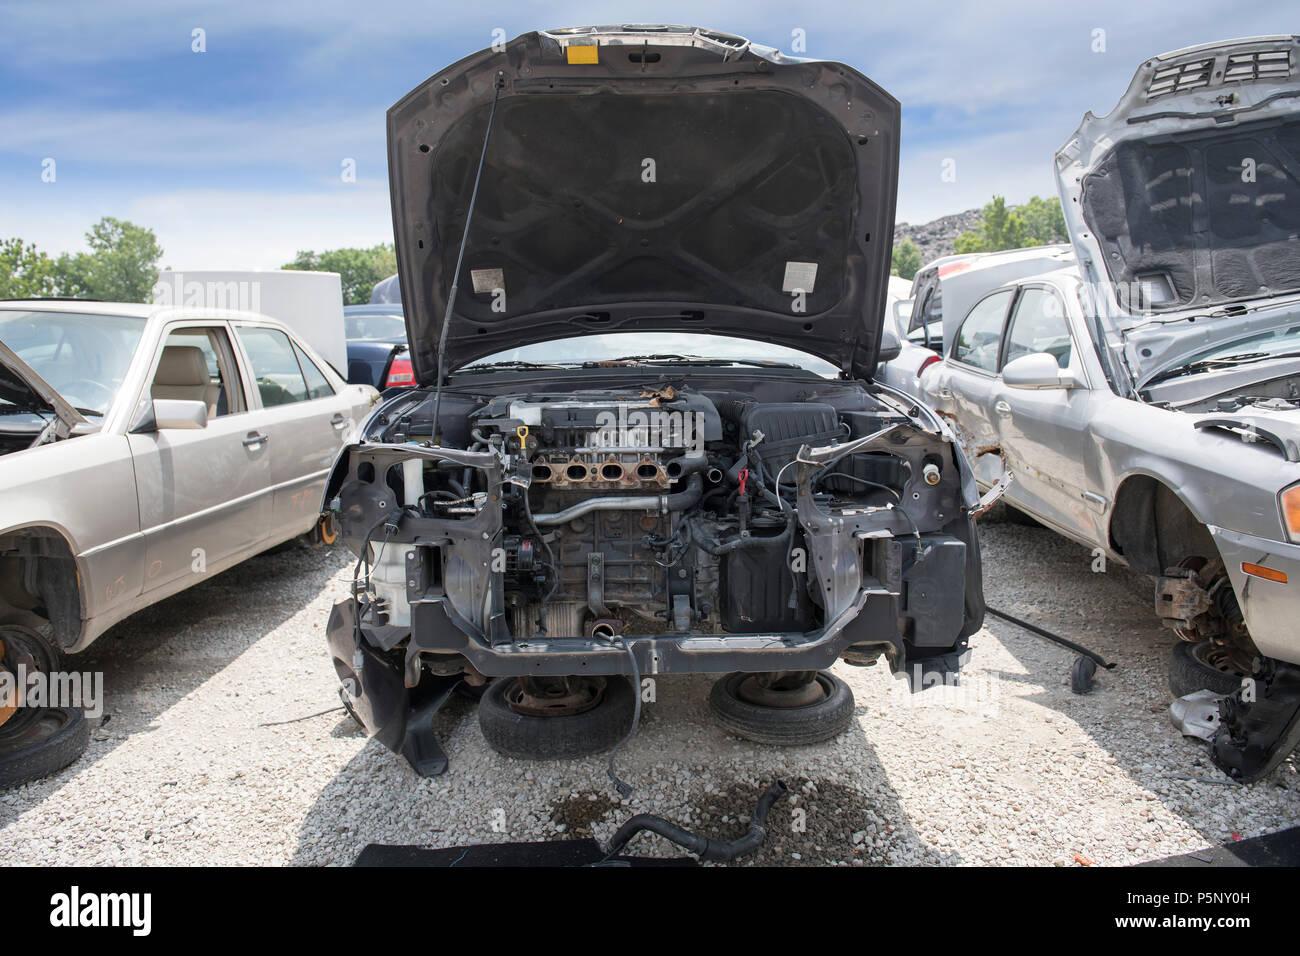 Der Motorraum eines zertruemmerten Auto zeigt fehlende Teile ...